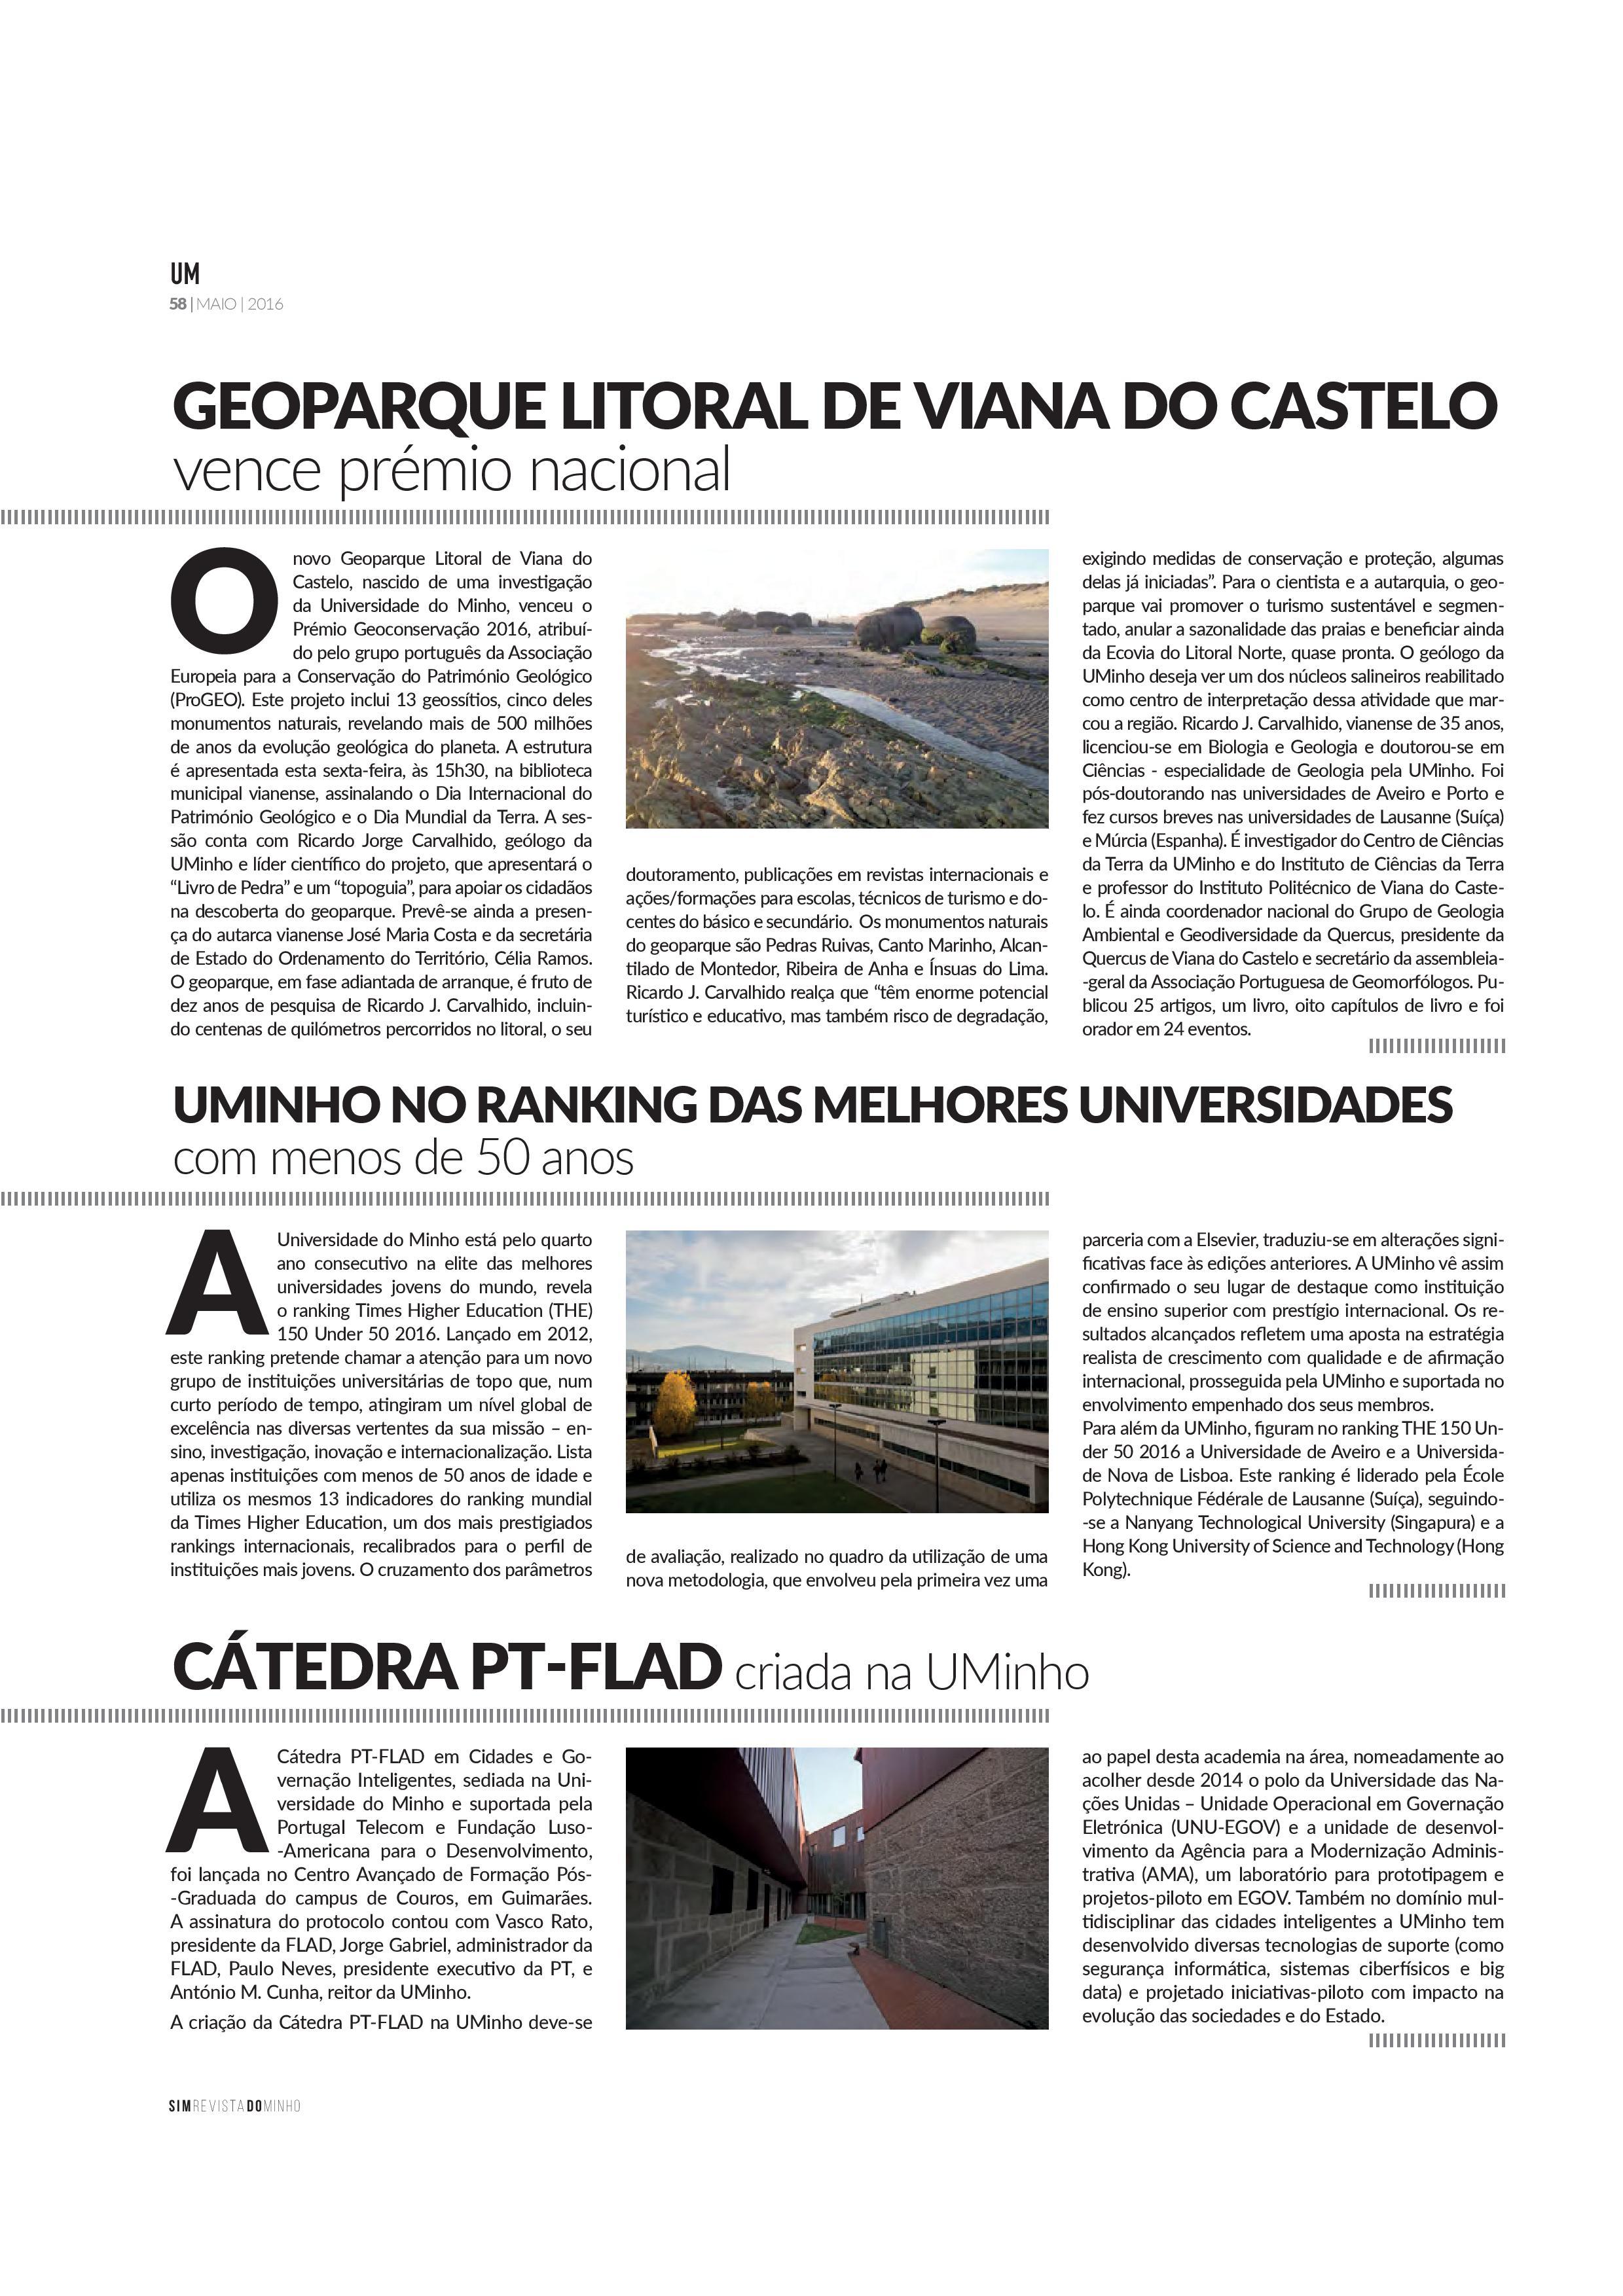 Geoparque Litoral de Viana do Castelo vence prémio nacional